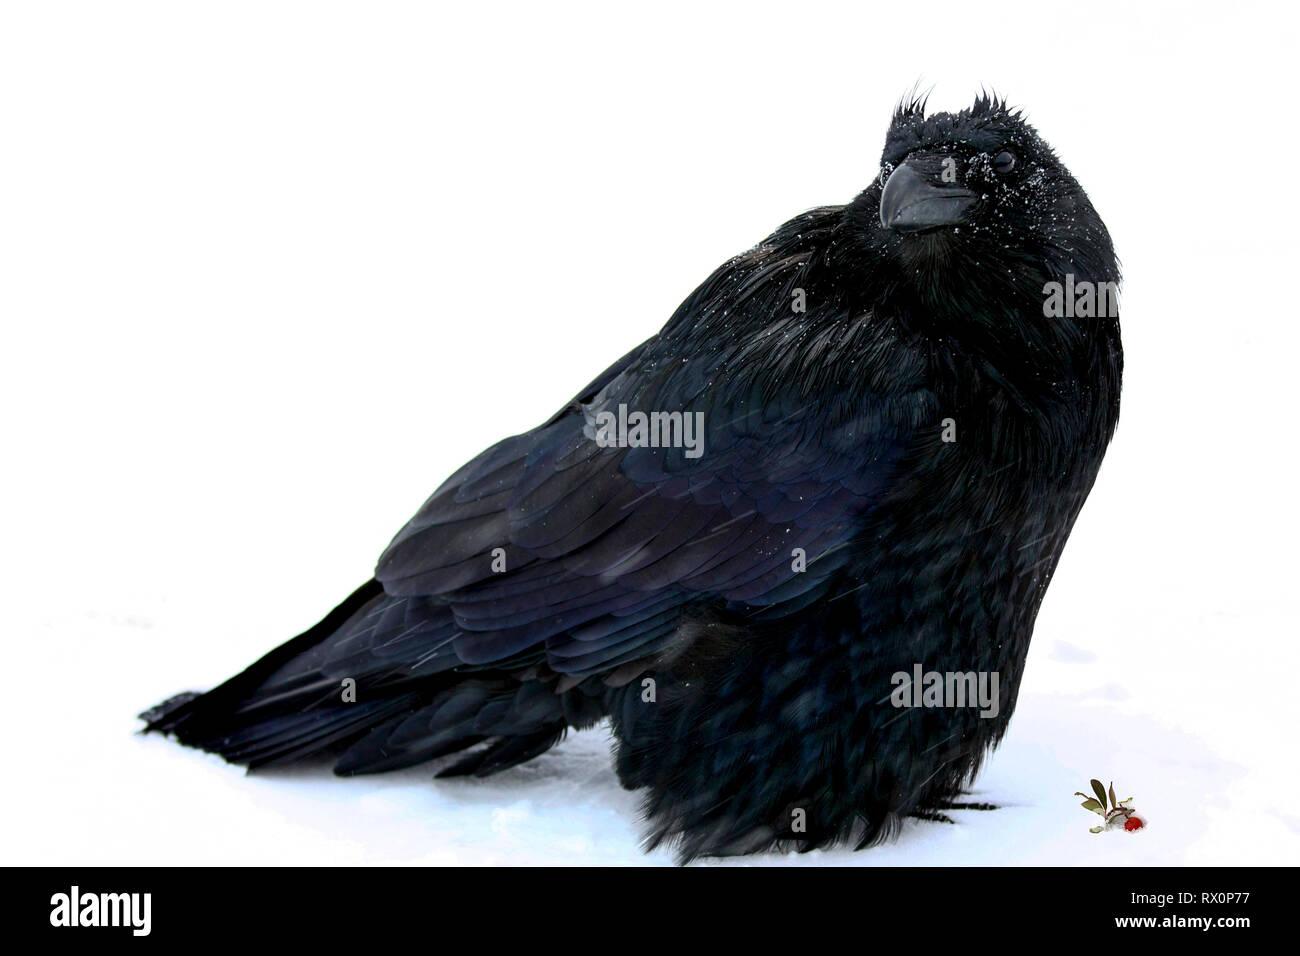 40,524.02018 - schöner großer schwarzer Vogel Rabe (Corvus Corax, Corvidae - 20' langen Schnabel Schwanzspitze), stehend im Schneesturm -22°F Jasper, Canada, BC Stockbild